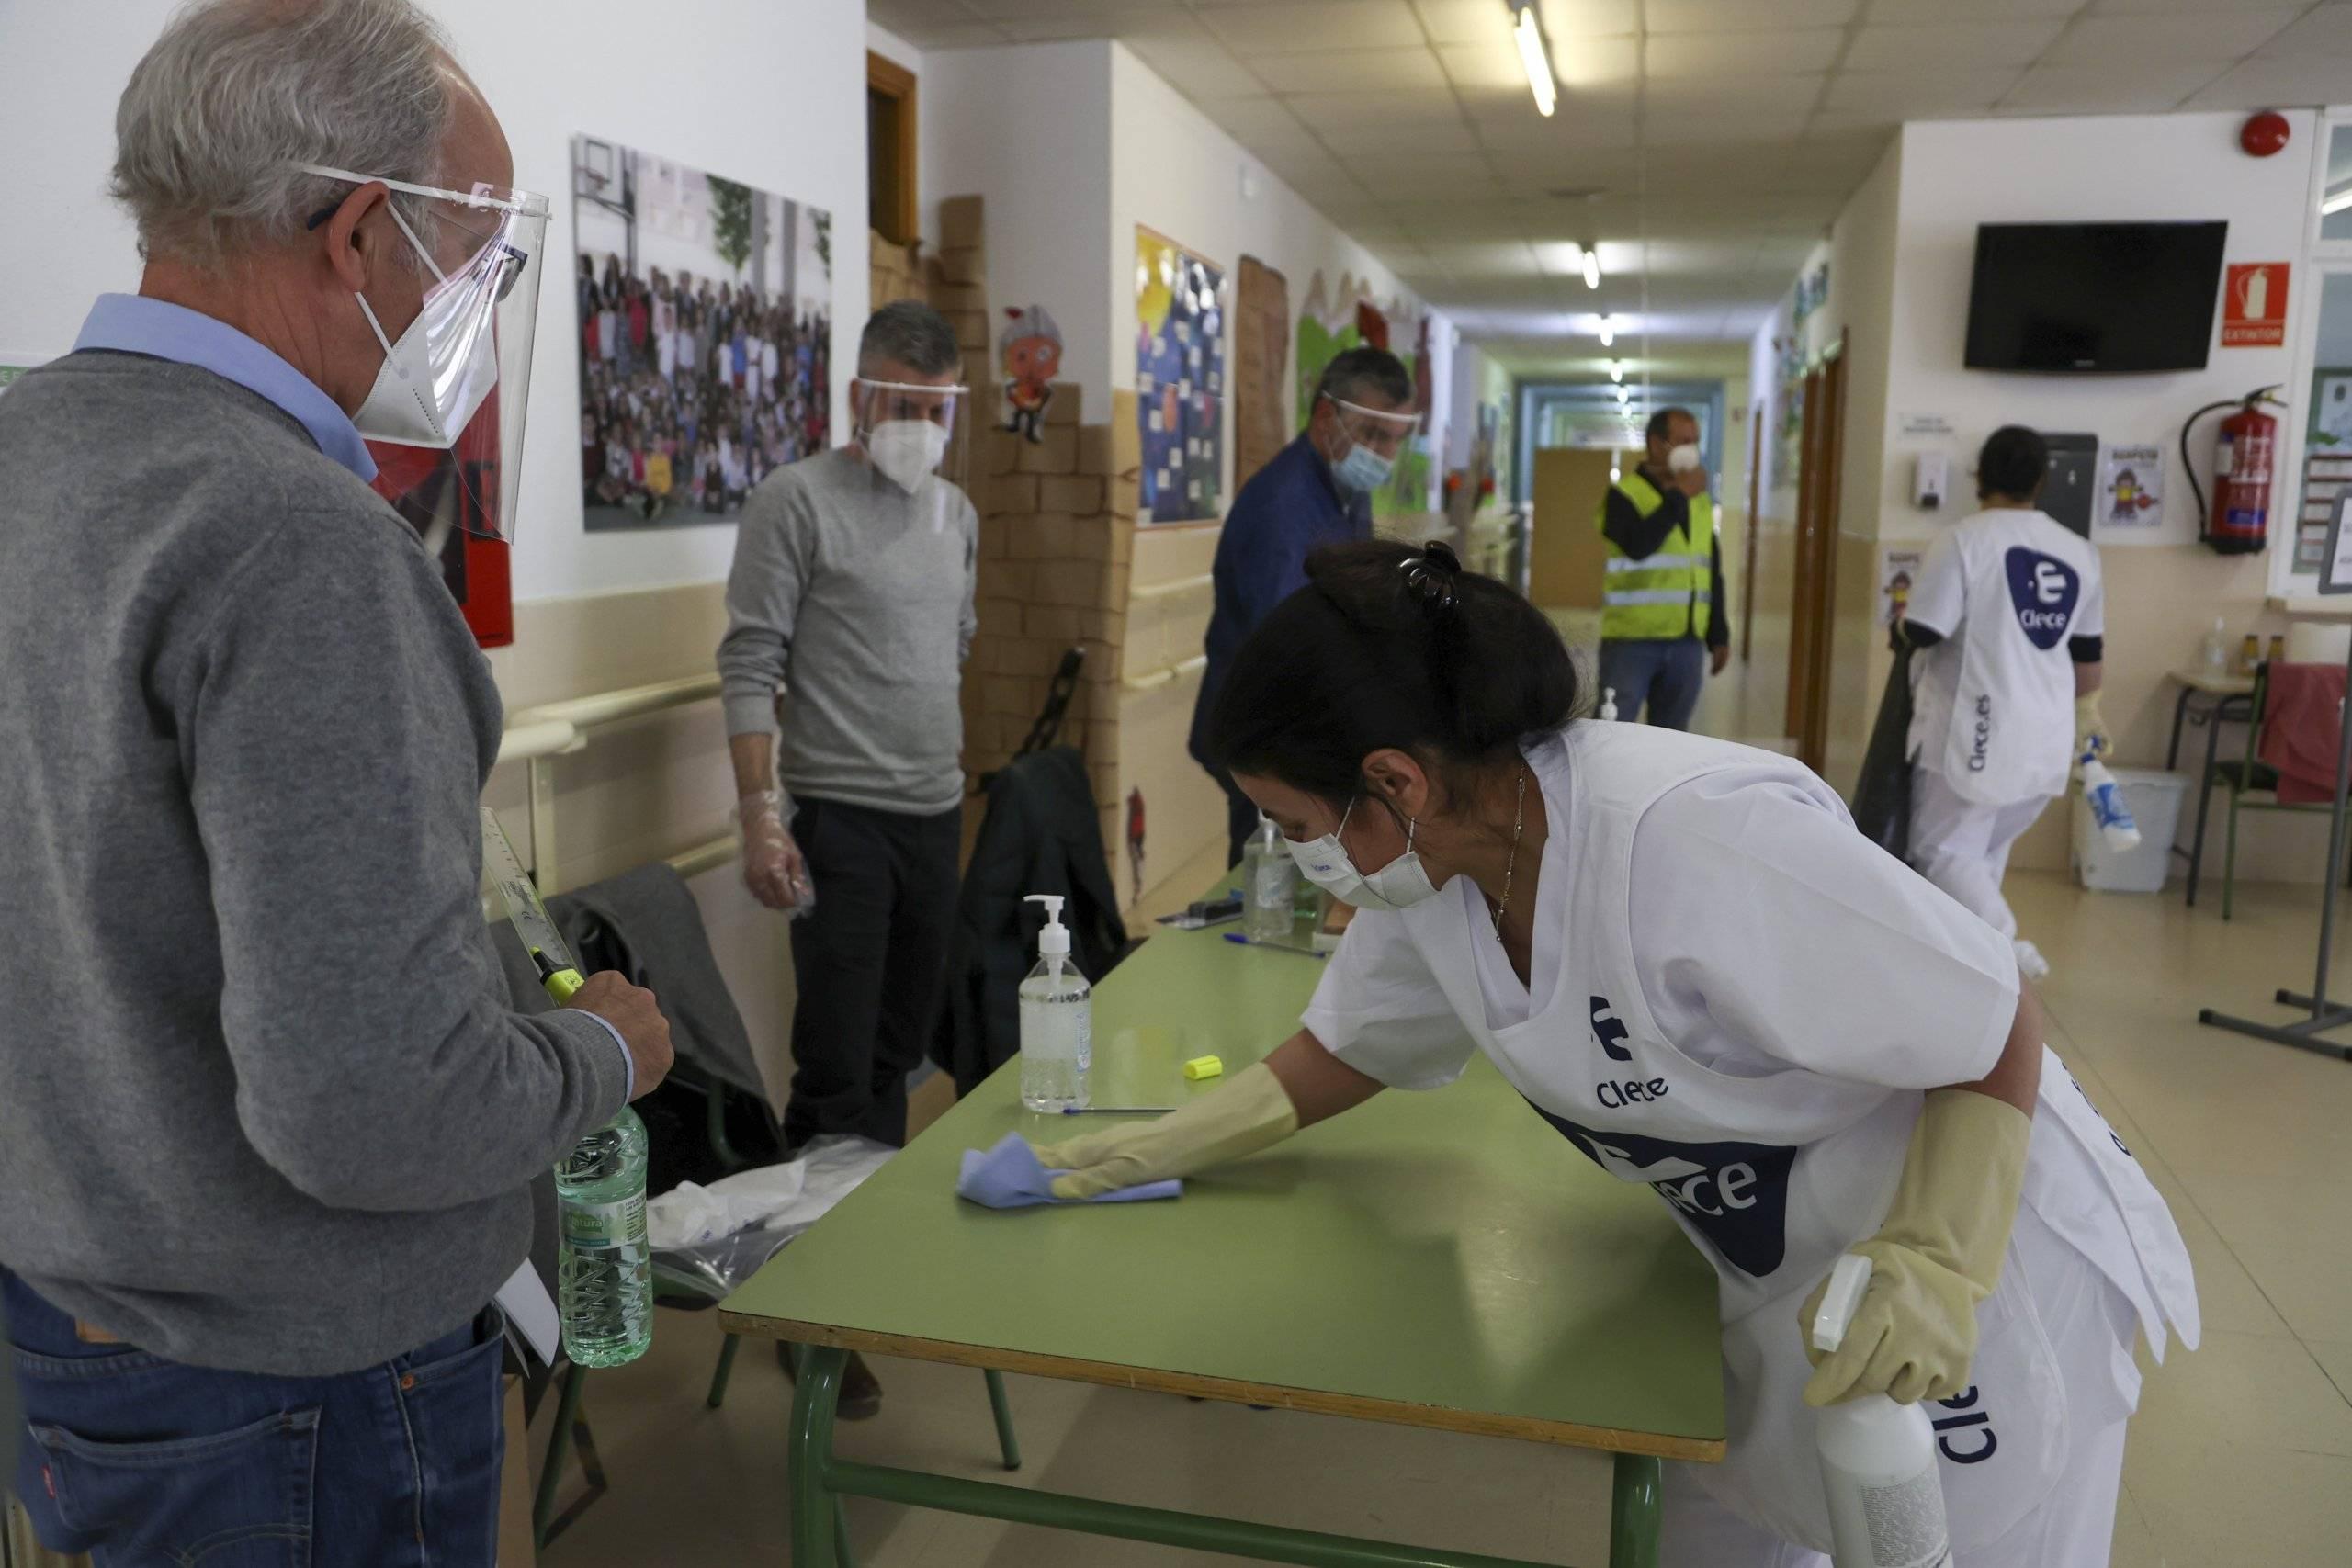 Desinfección de una de las mesas electorales.